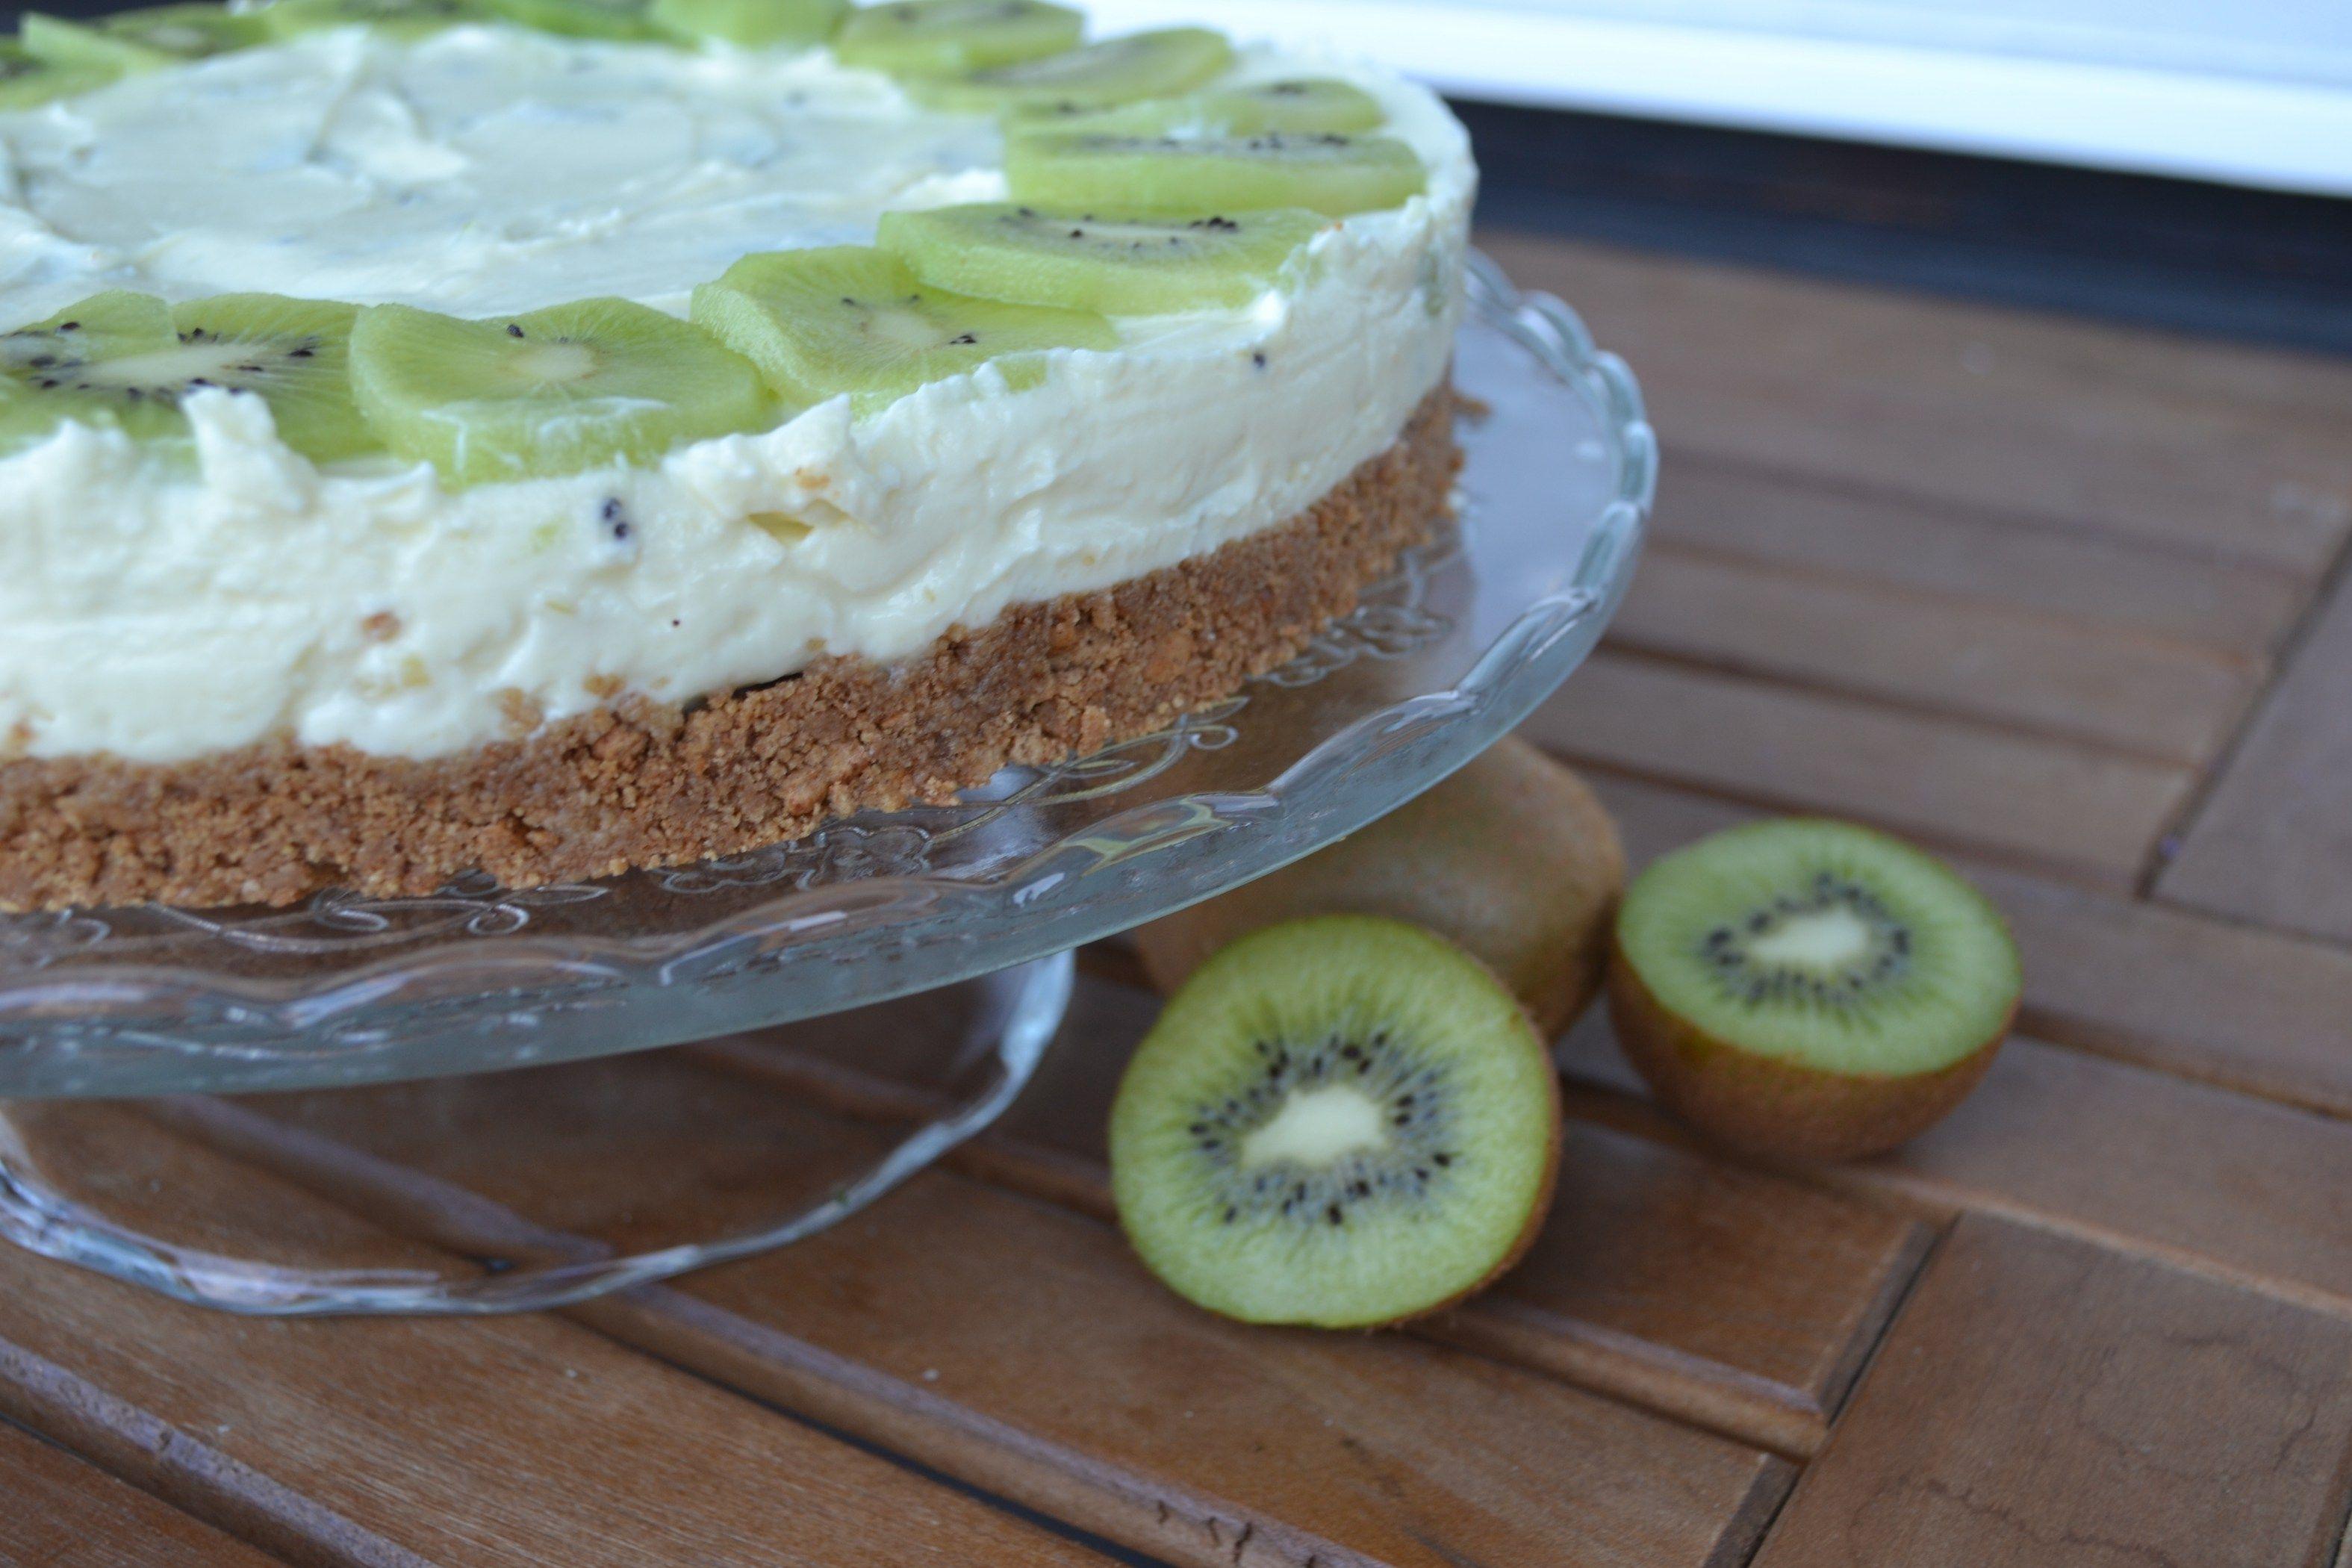 Ein leckeres Rezept für frischen No Bake Käsekuchen mit Kiwis und weißer Schokolade. Das perfekte Sommerrezept mit vielen Variationen.